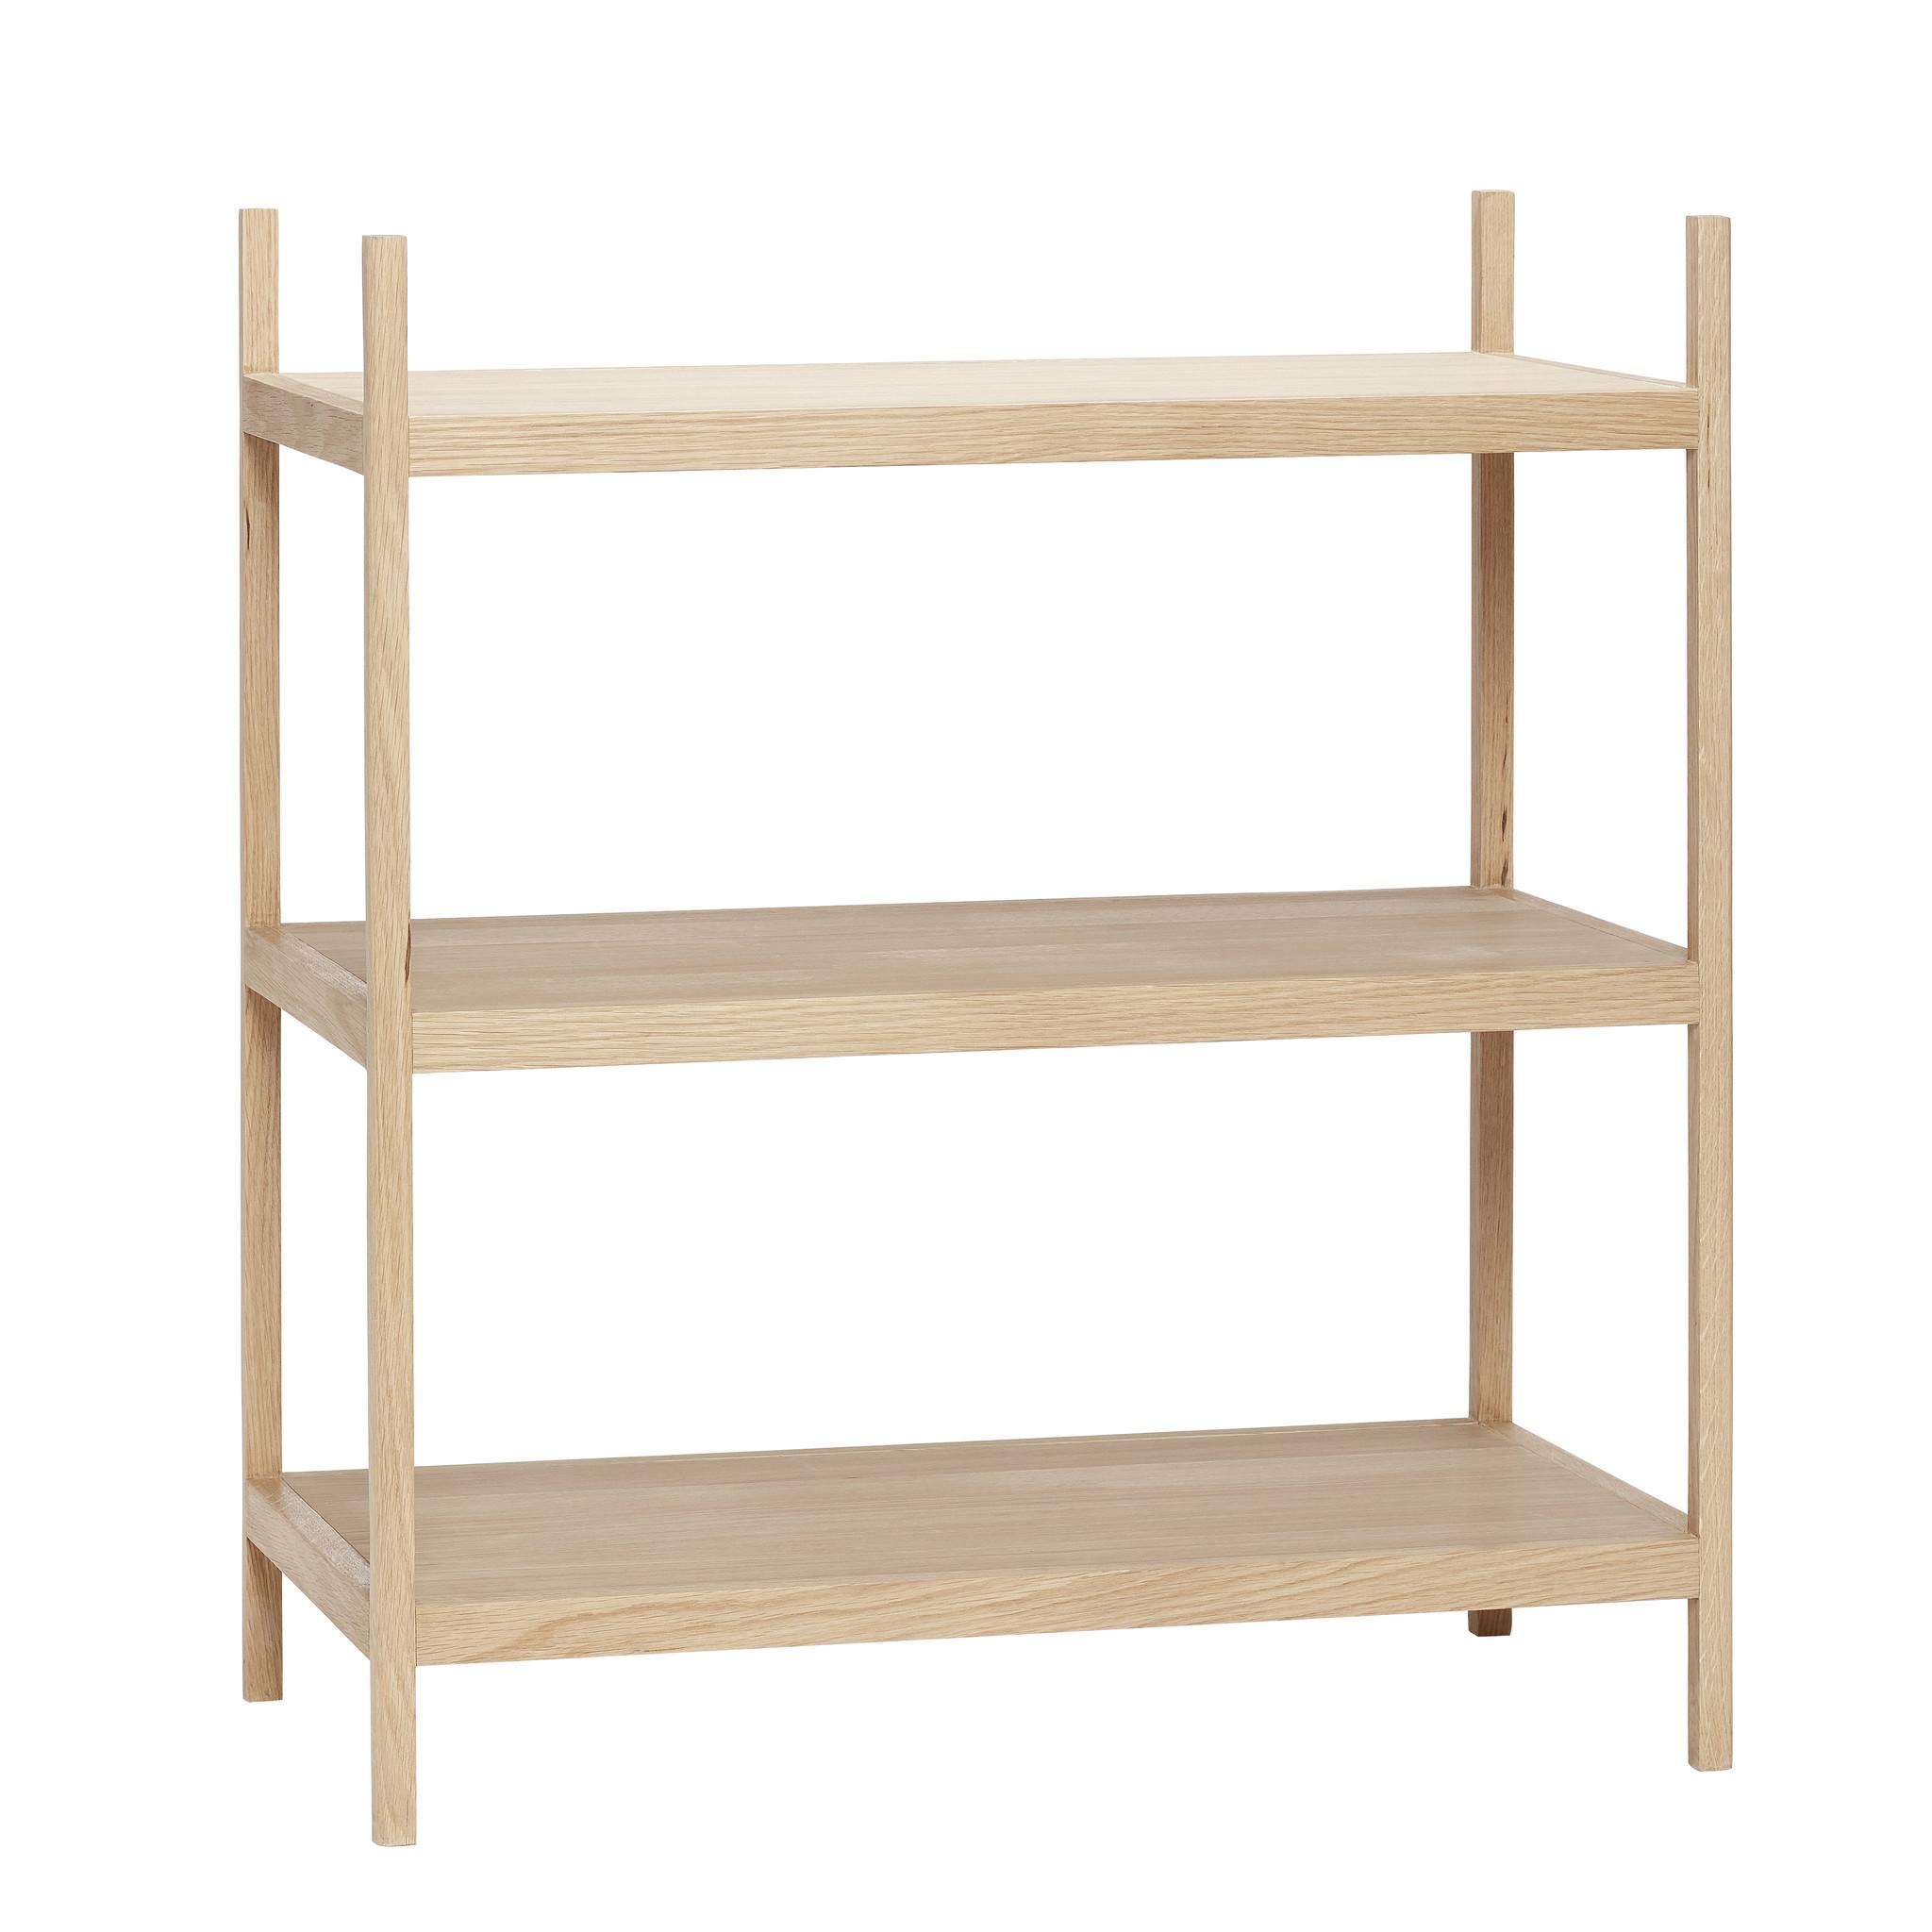 Hubsch Plank met 3 planken, eiken-880509F-5712772062098